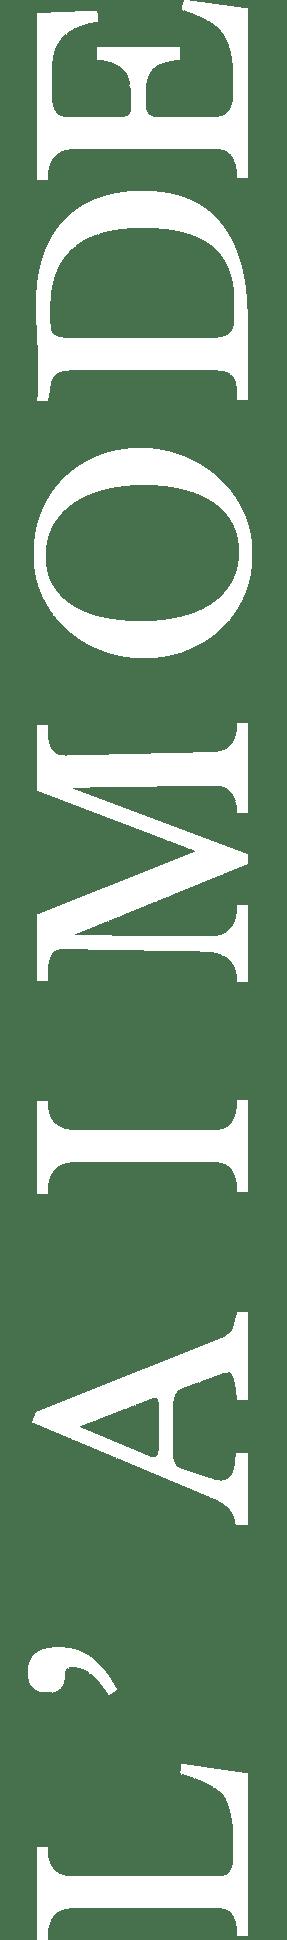 logo Aimode vertical